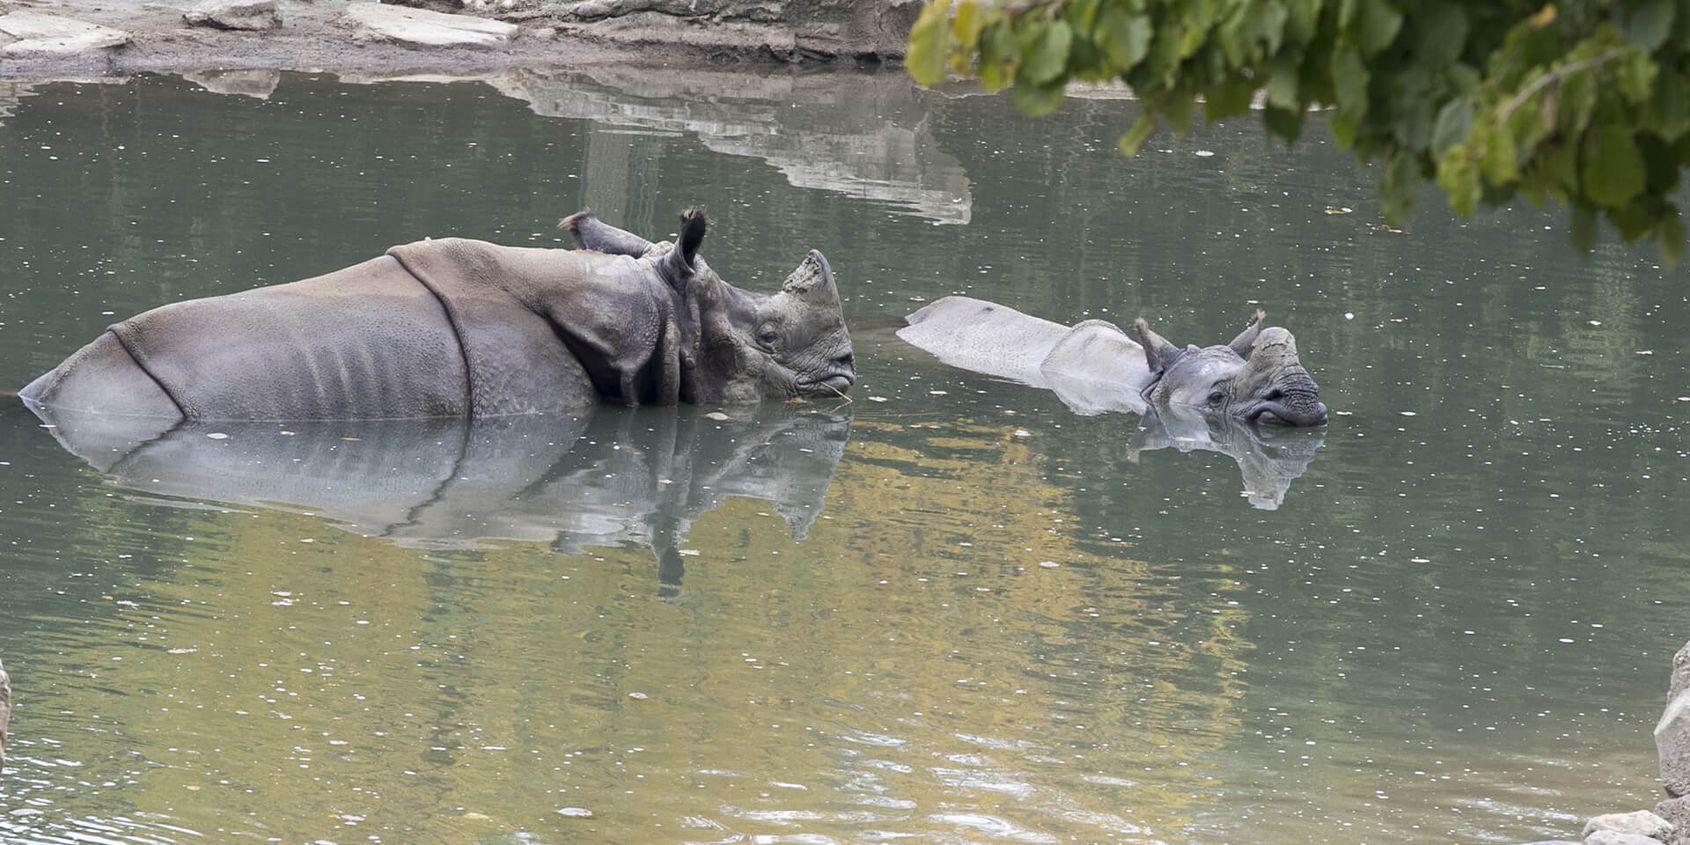 Rhinocéros indiens - Les animaux de La Plaine Asiatique - ZooParc de Beauval